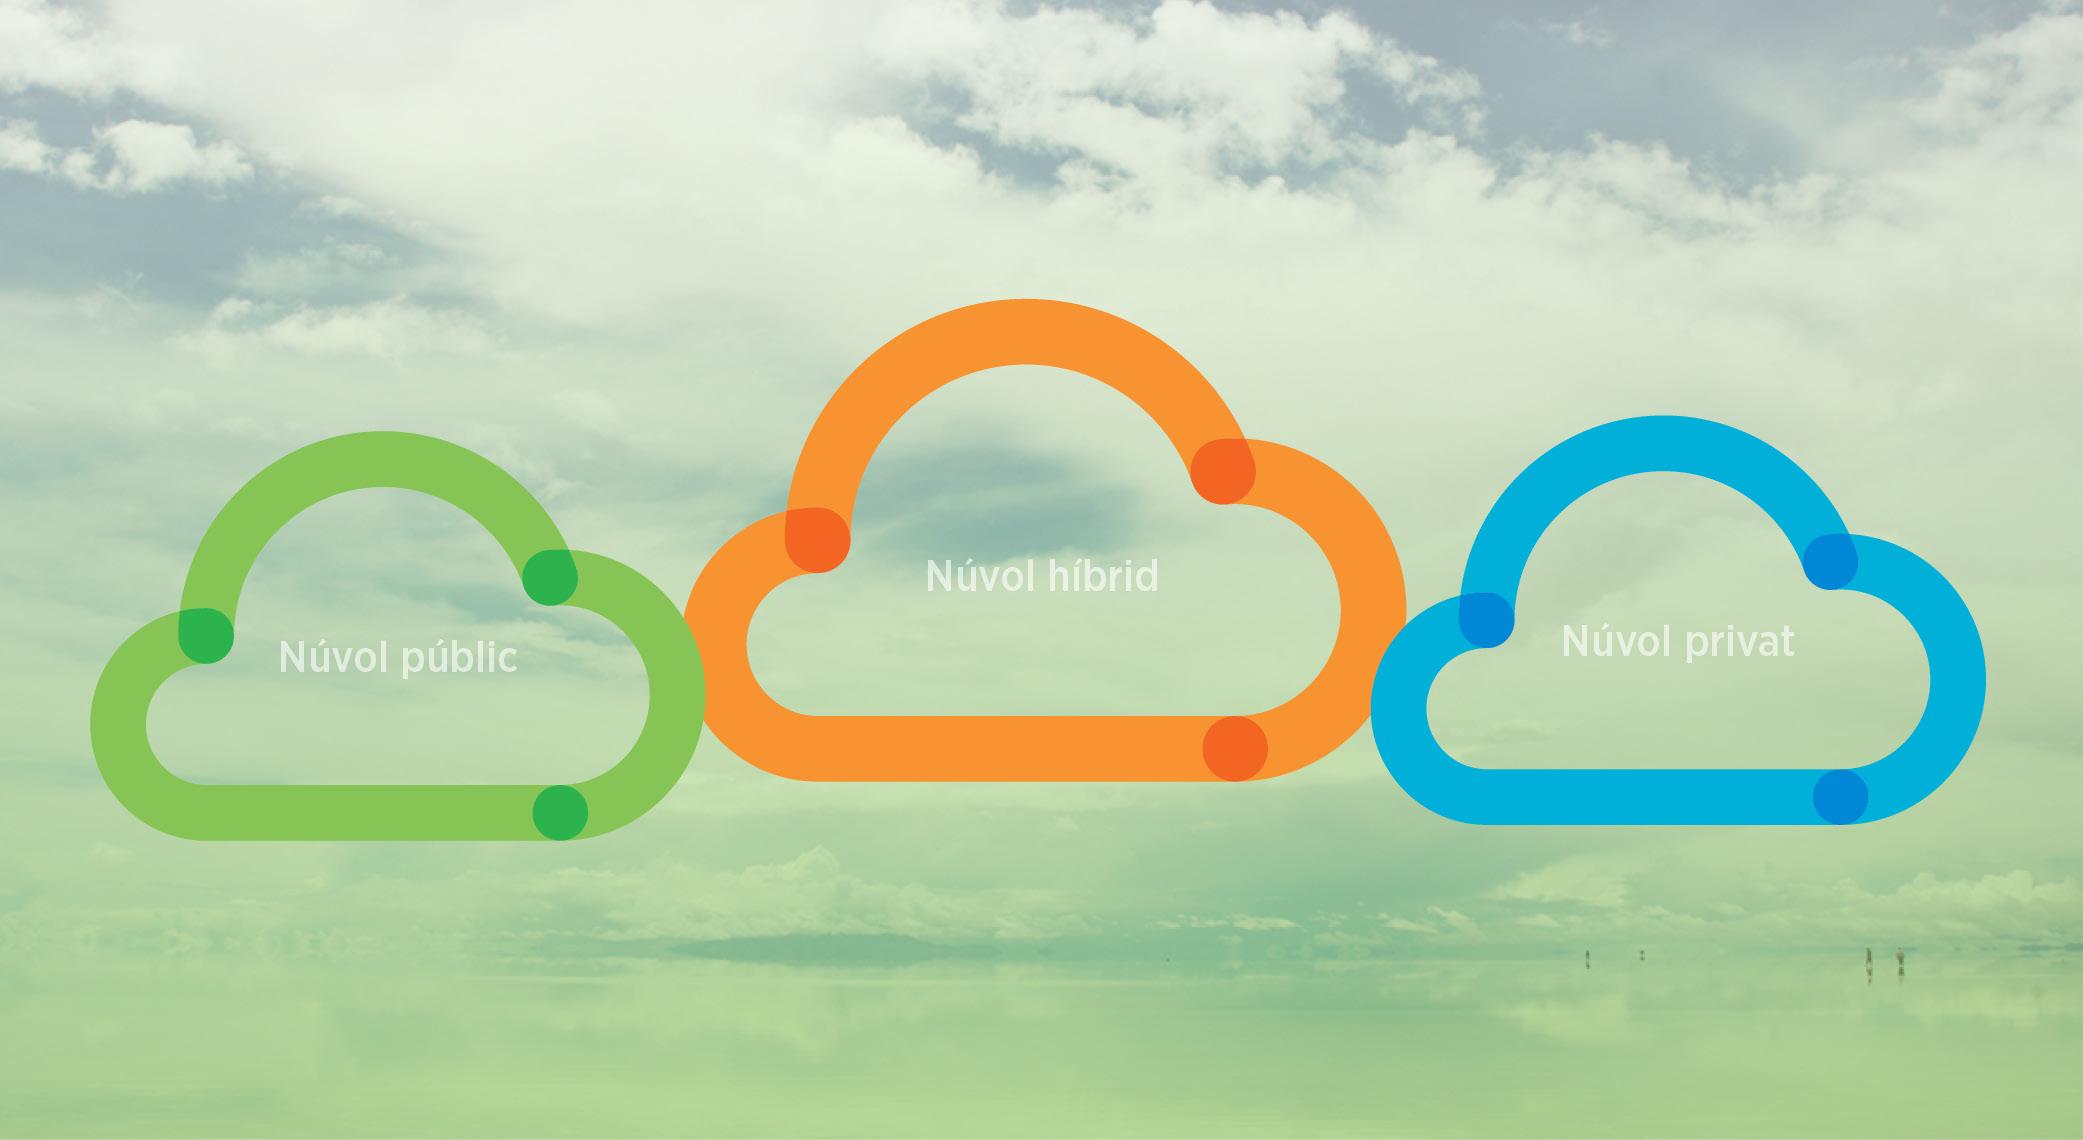 Tipus de núvol